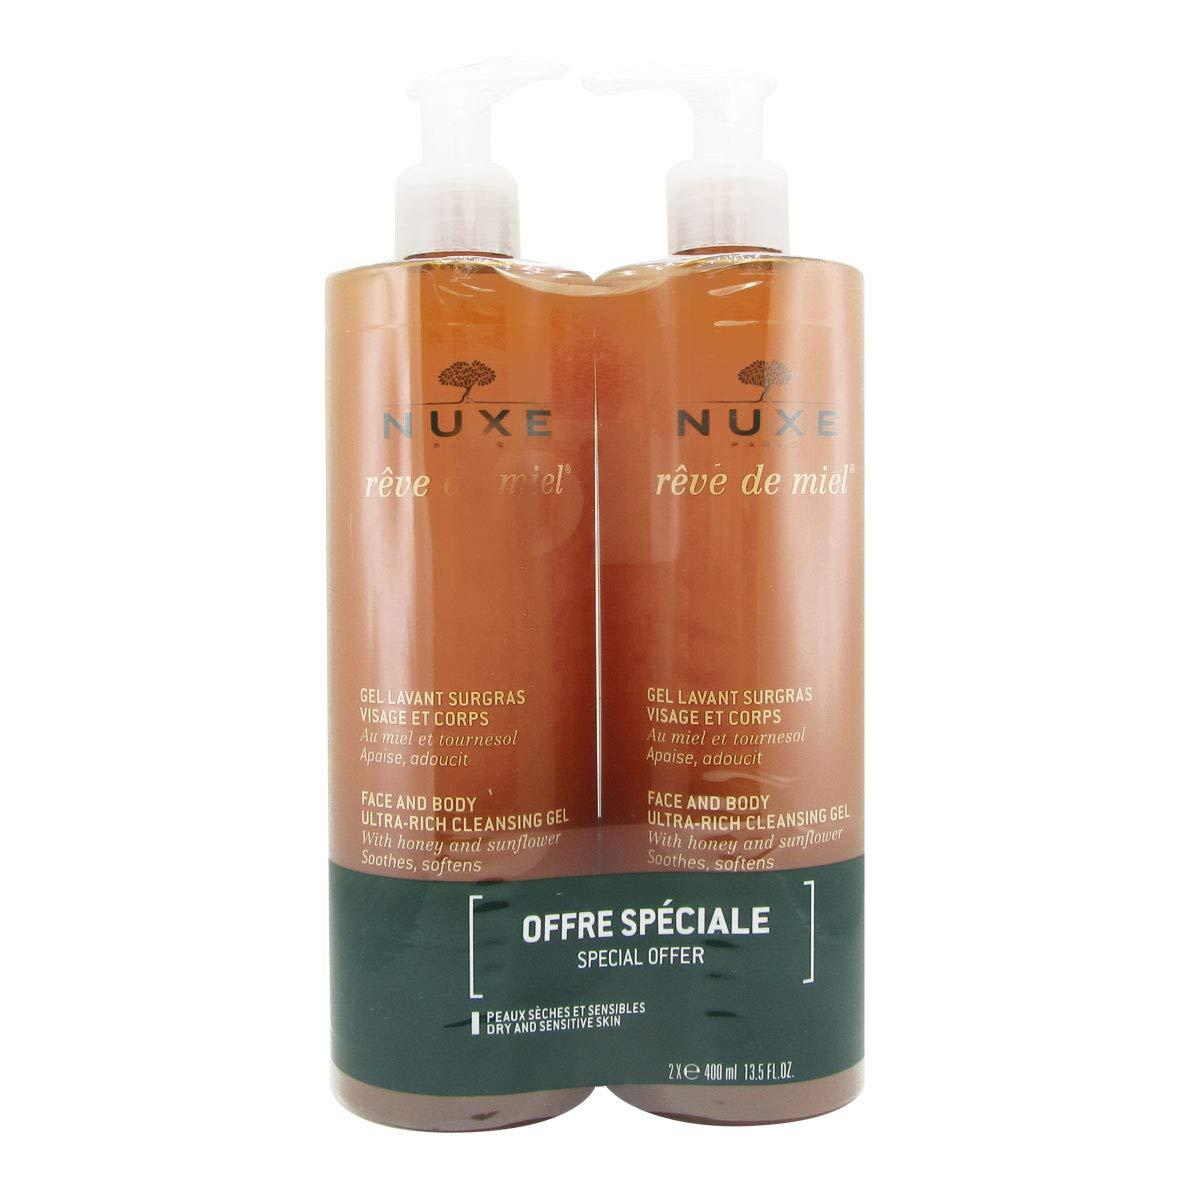 brand new 6daed 9a77f Nuxe Rêve de Miel Gel Lavant Surgras Lot de 2 x 400 ml  Amazon.fr  Beauté  et Parfum